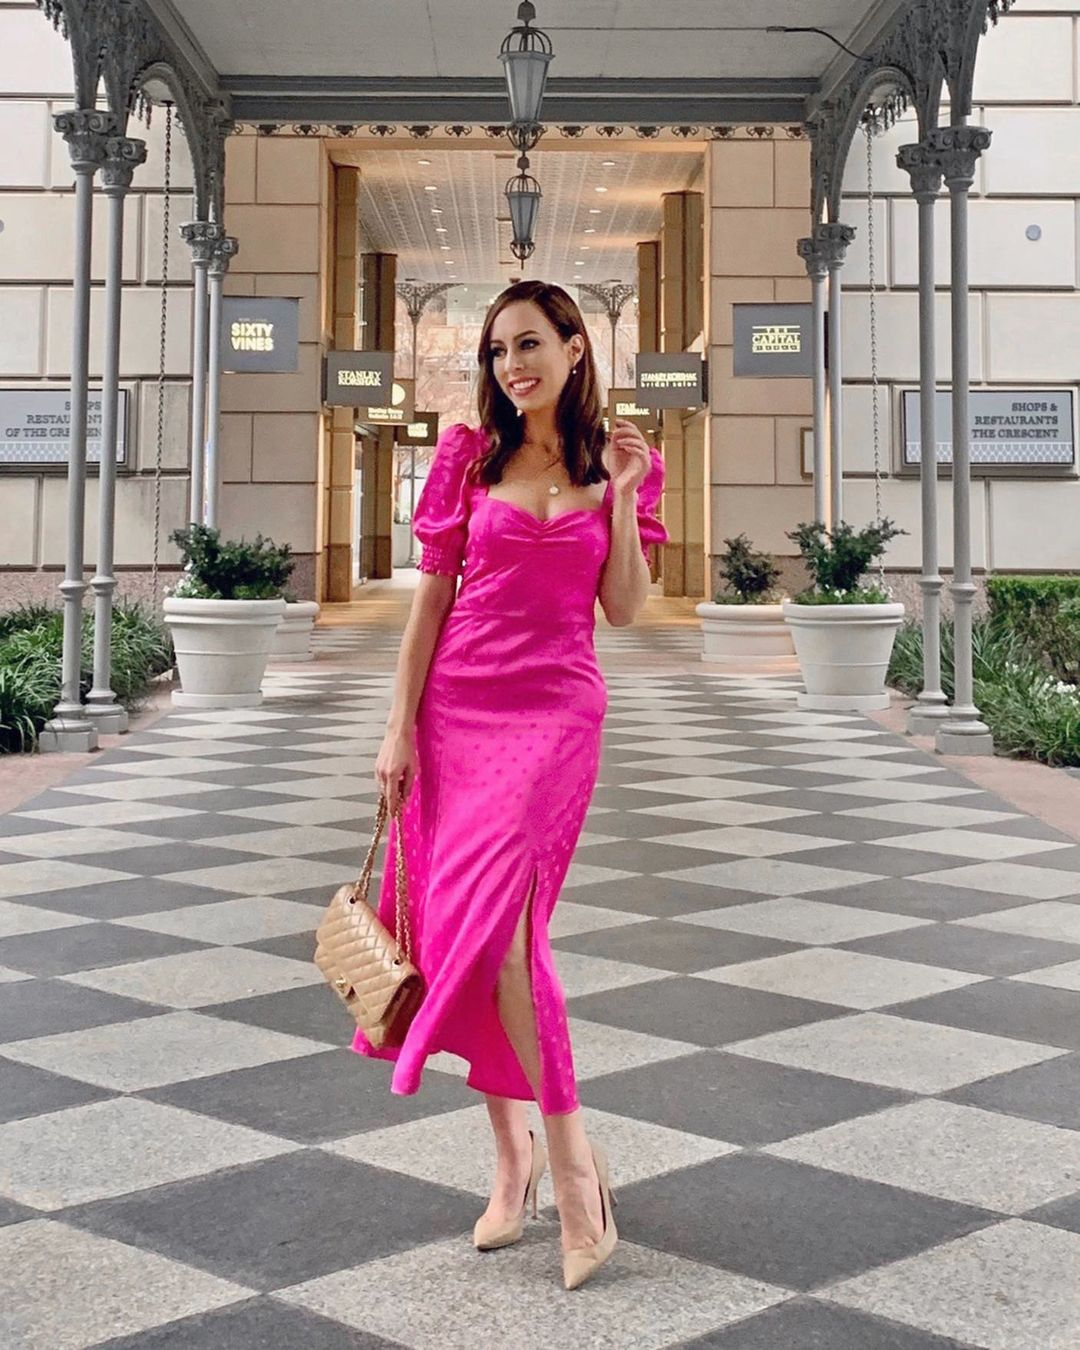 1612584562 616 echa un vistazo a las opciones para comprar y 30 - 40 modelos de vestidos rosas para un look que no pasa desapercibido